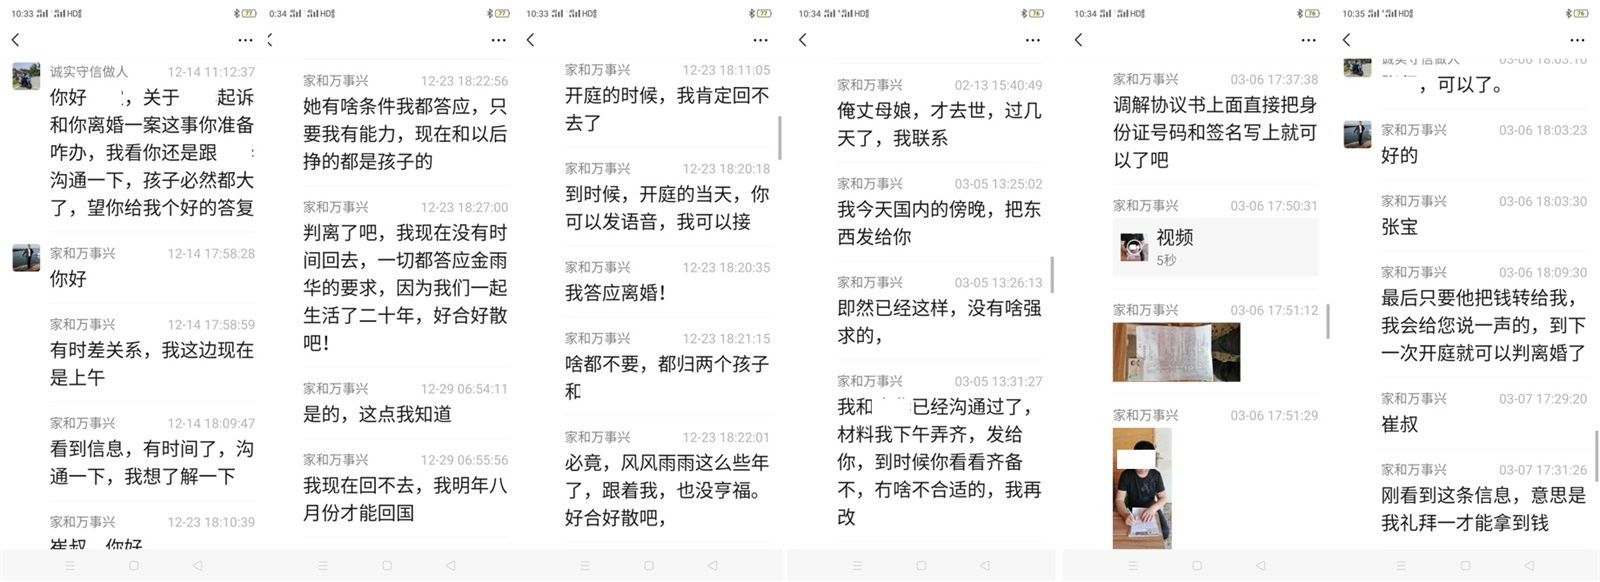 汴梁审判|开封祥符区法院:异国他乡一线牵微信调解化纠纷